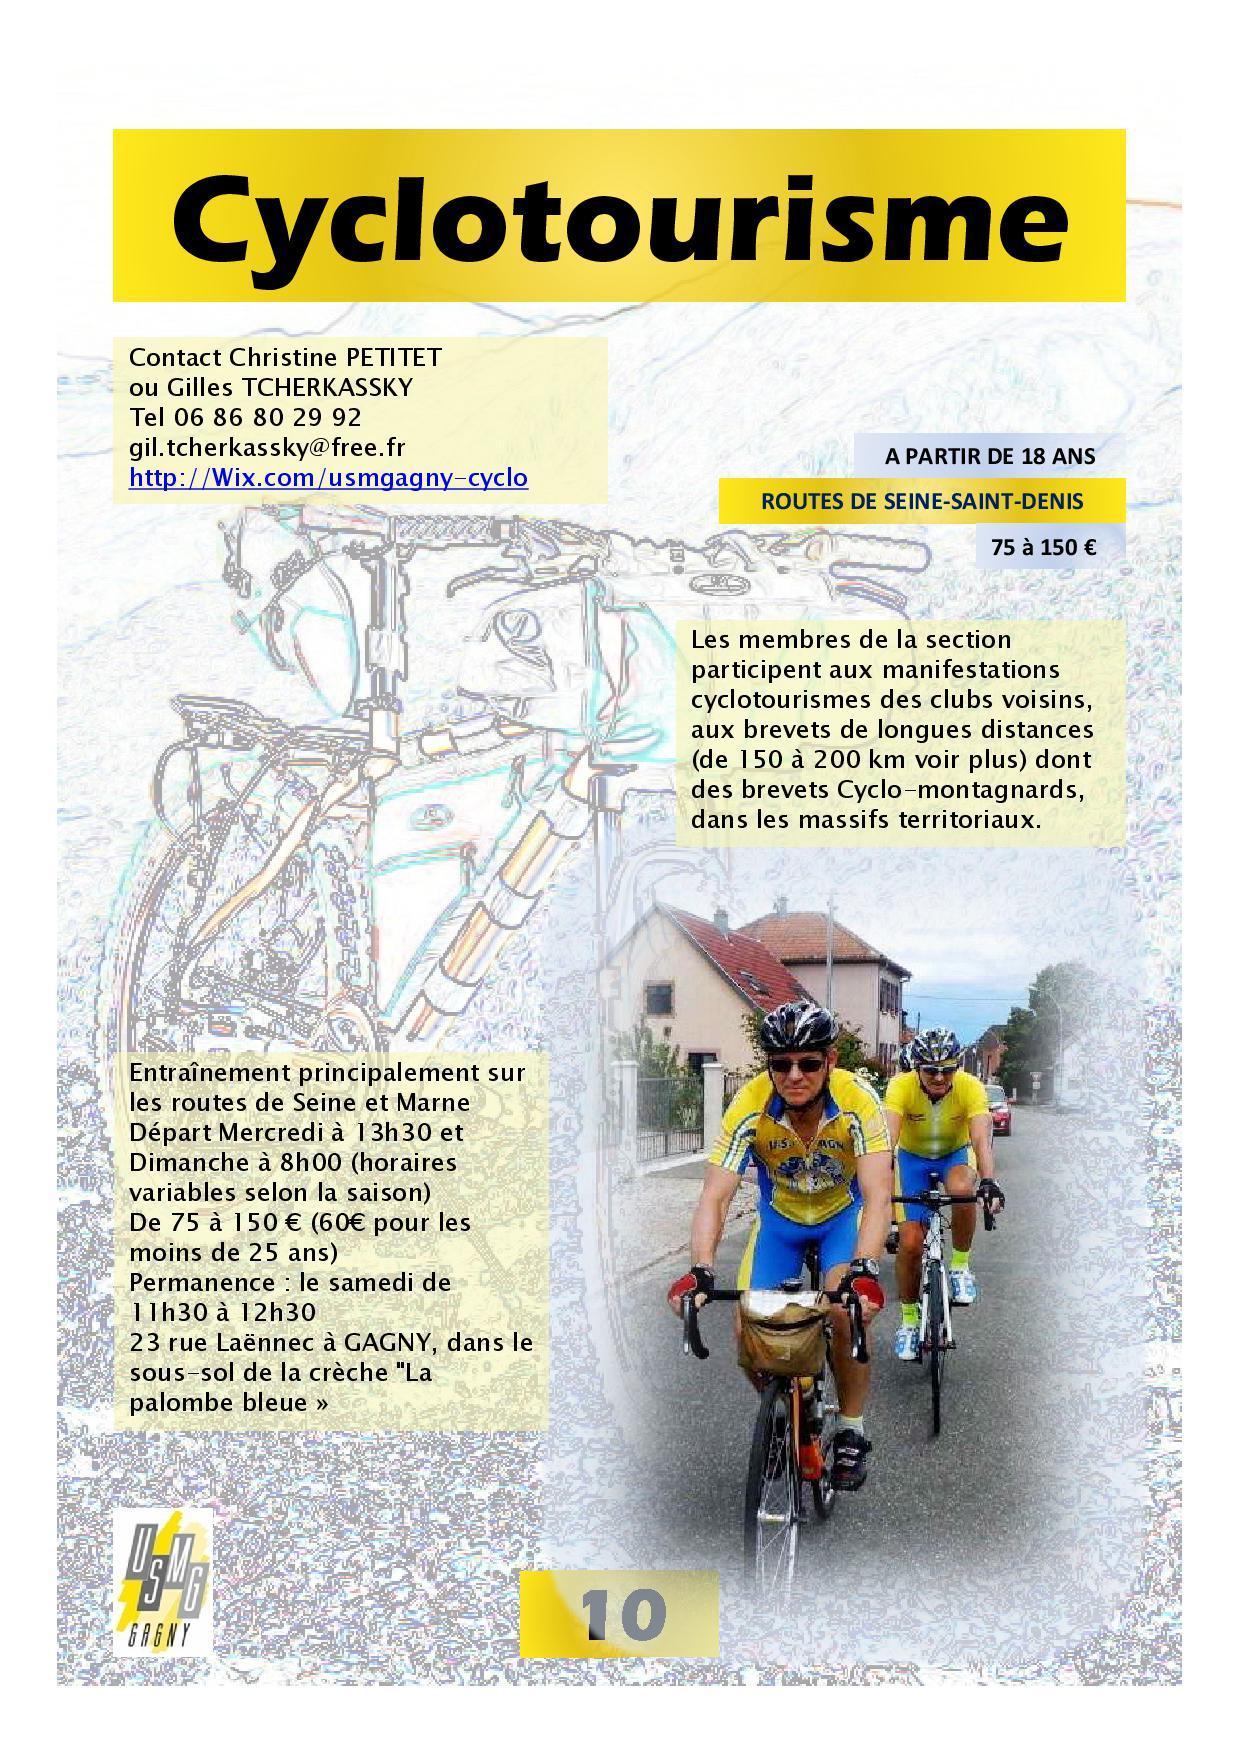 10 usmg 2019 2020 cyclo